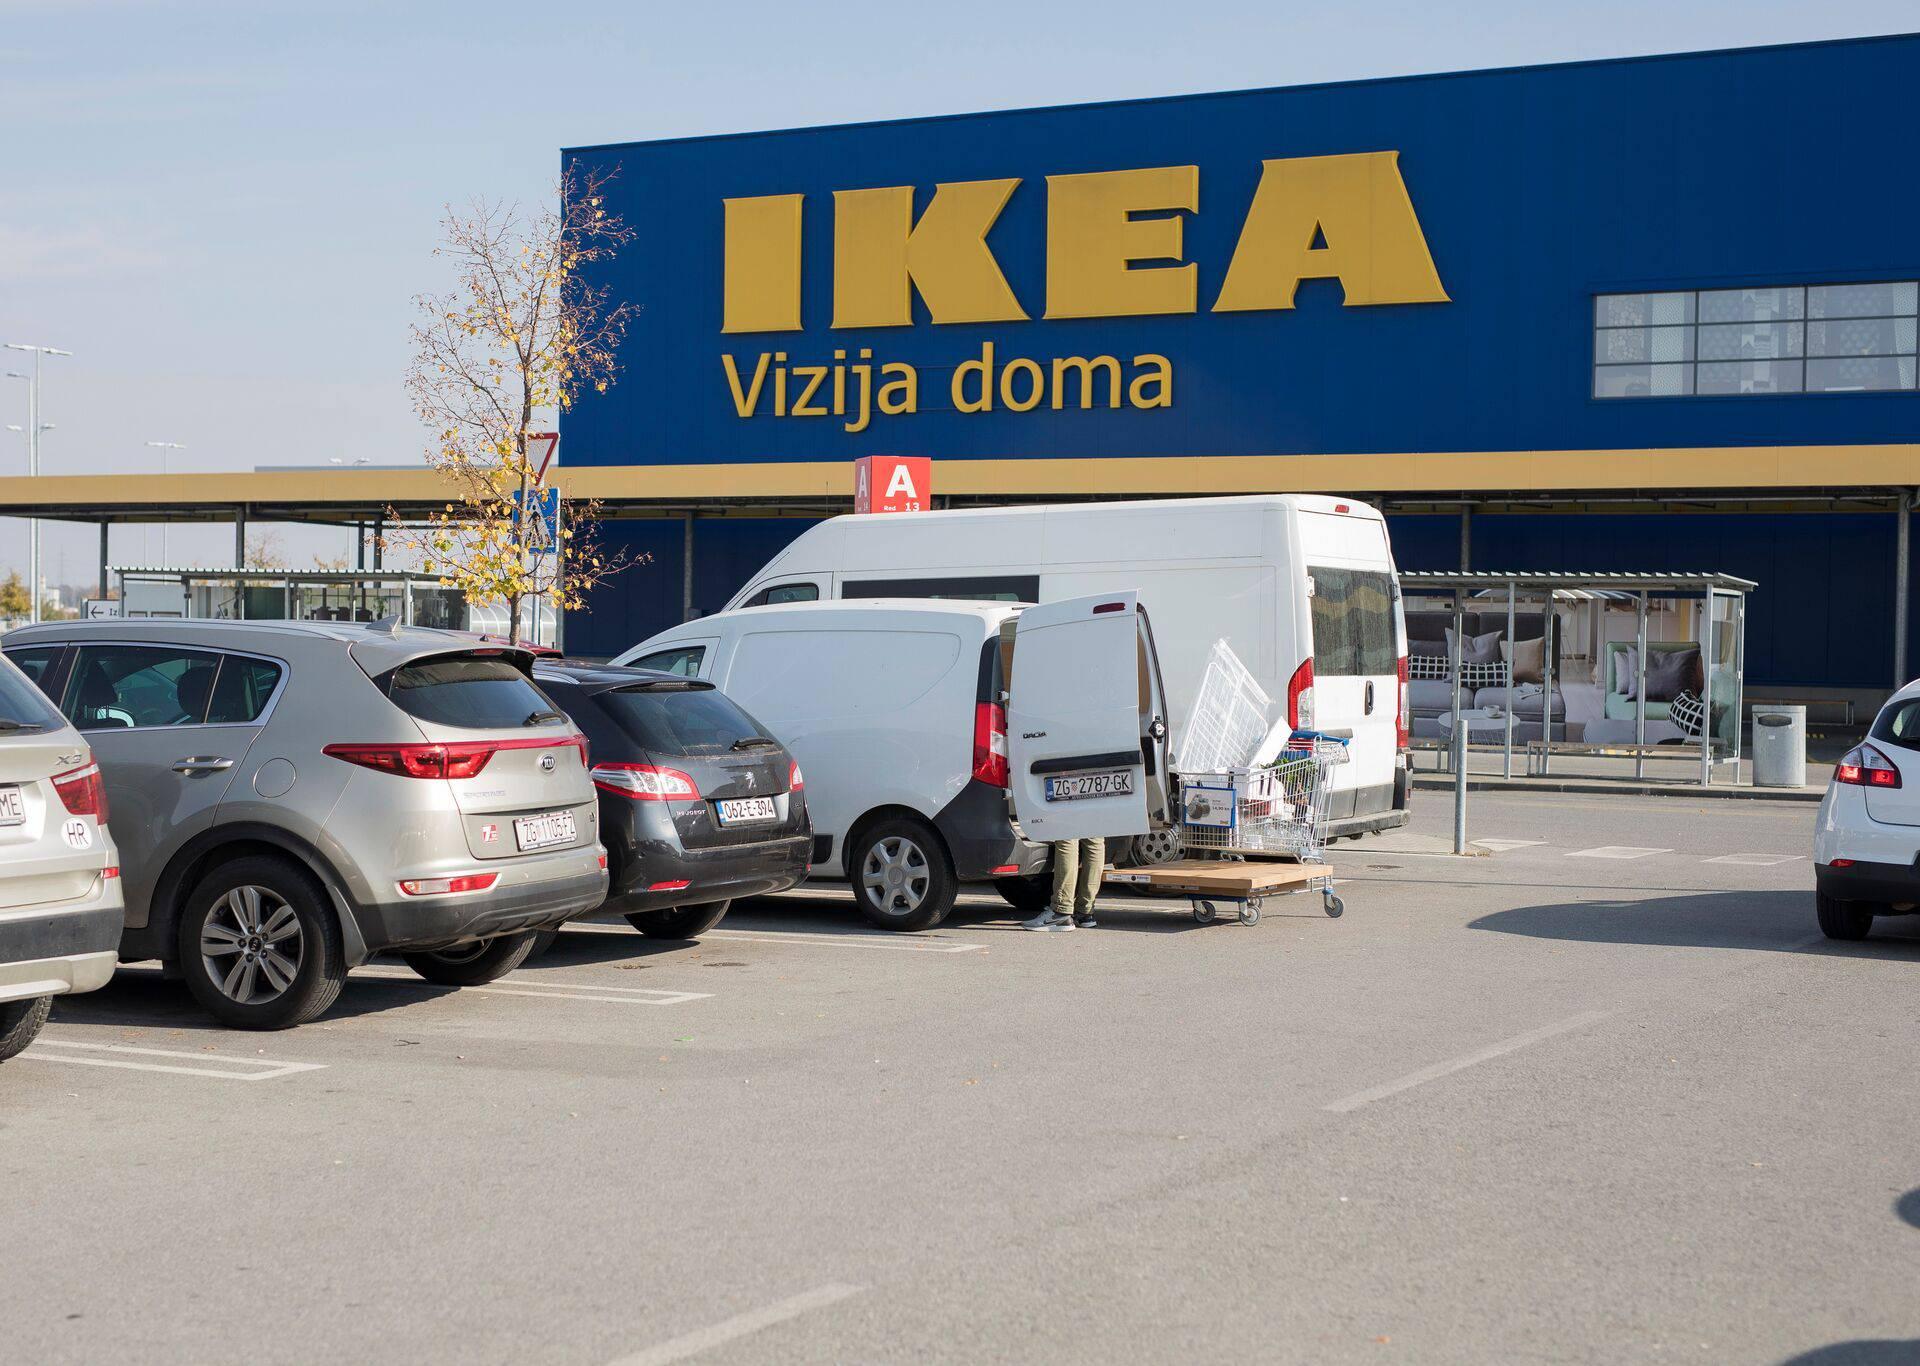 Ikea plaća milijune roditeljima djeteta koje je ubila komoda